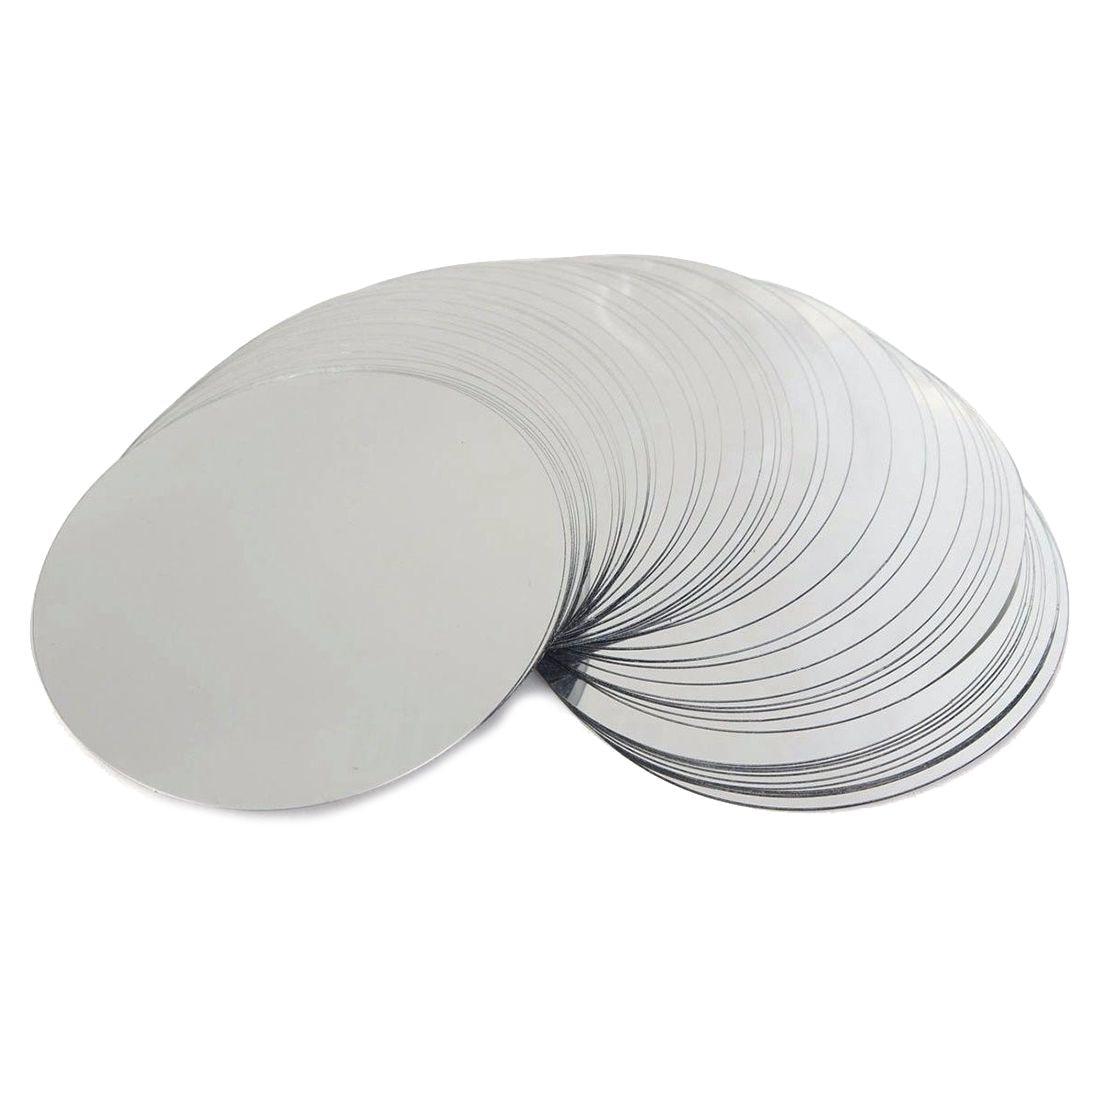 PHFU-50Pcs 3 zoll Silber Weinausgießer Disk Drip-beweis Drop Tropf Stop Gießen Gießen Auslauf